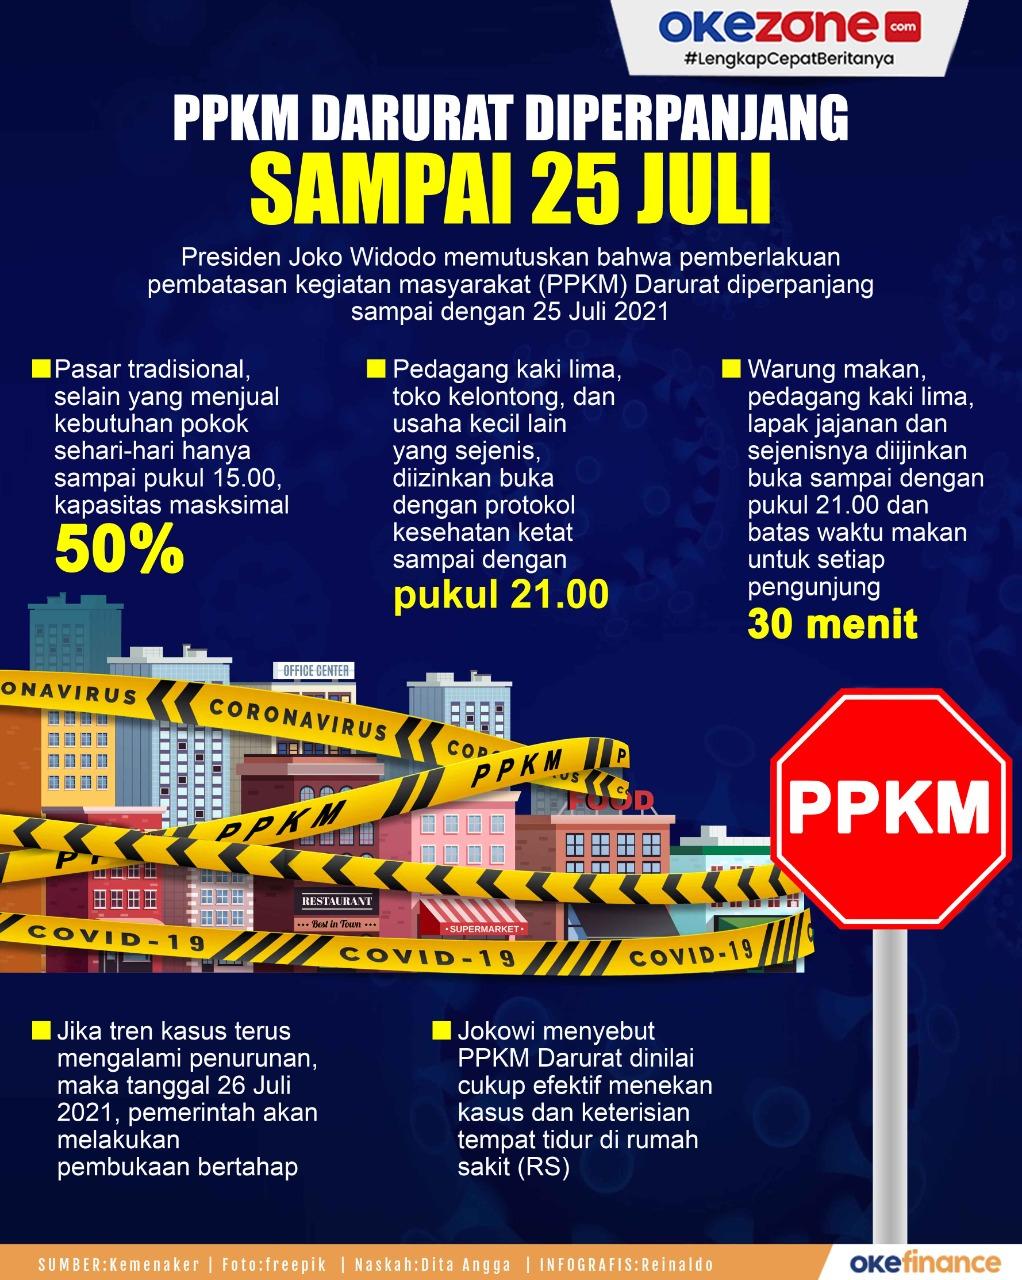 PPKM Darurat Diperpanjang Sampai 25 Juli -